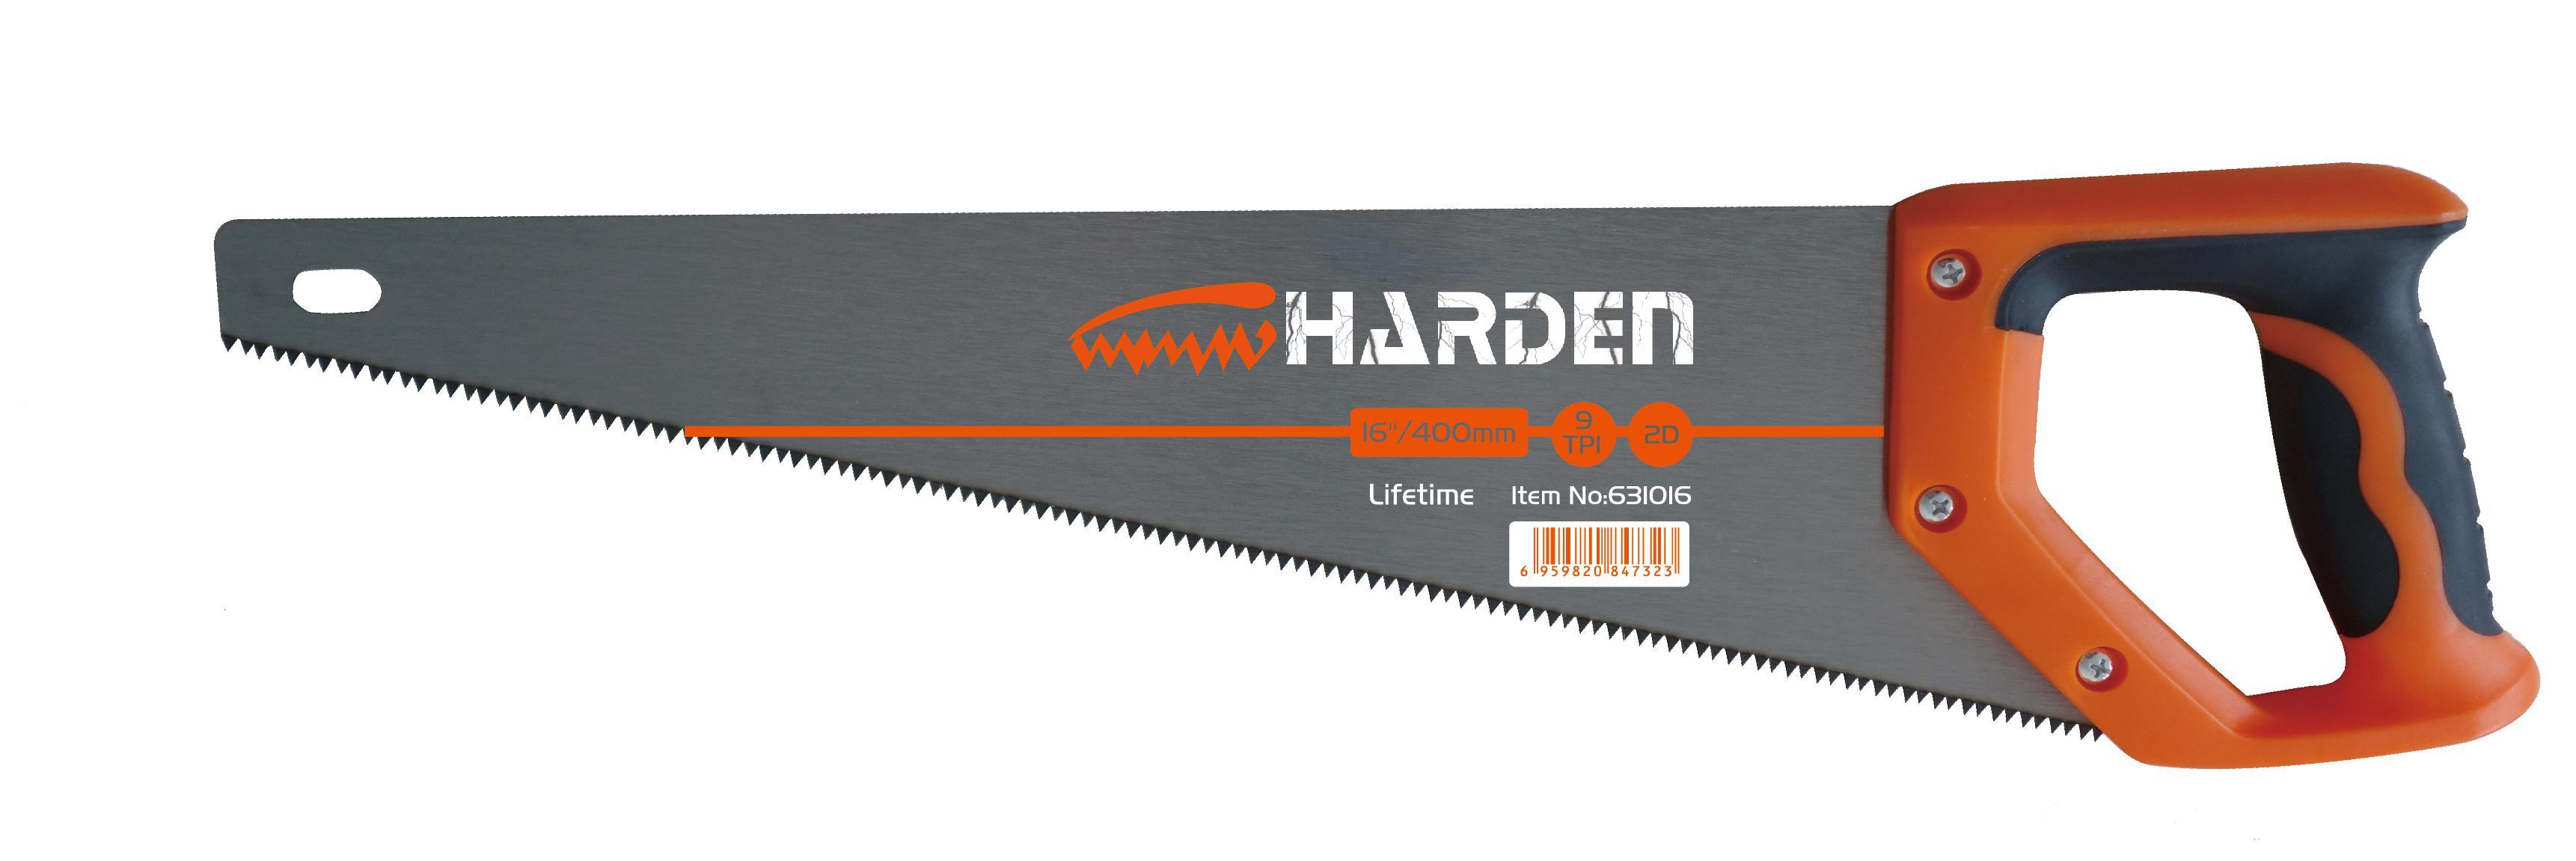 Ножовка Harden 631022